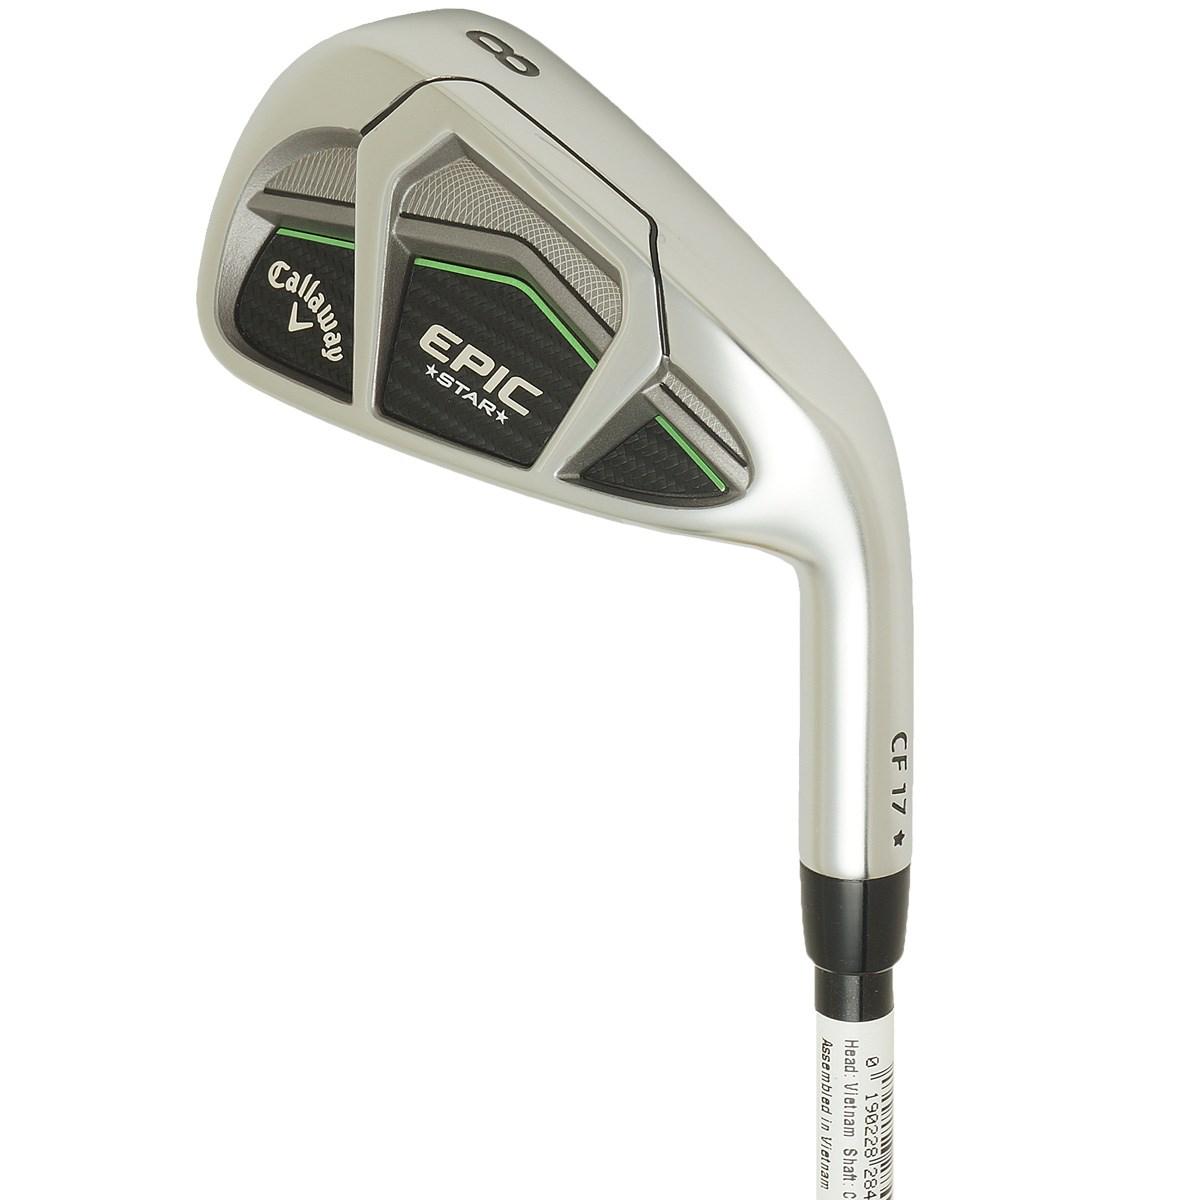 キャロウェイゴルフ(Callaway Golf) GBB EPIC STAR アイアン(単品) N.S.PRO ZELOS 7